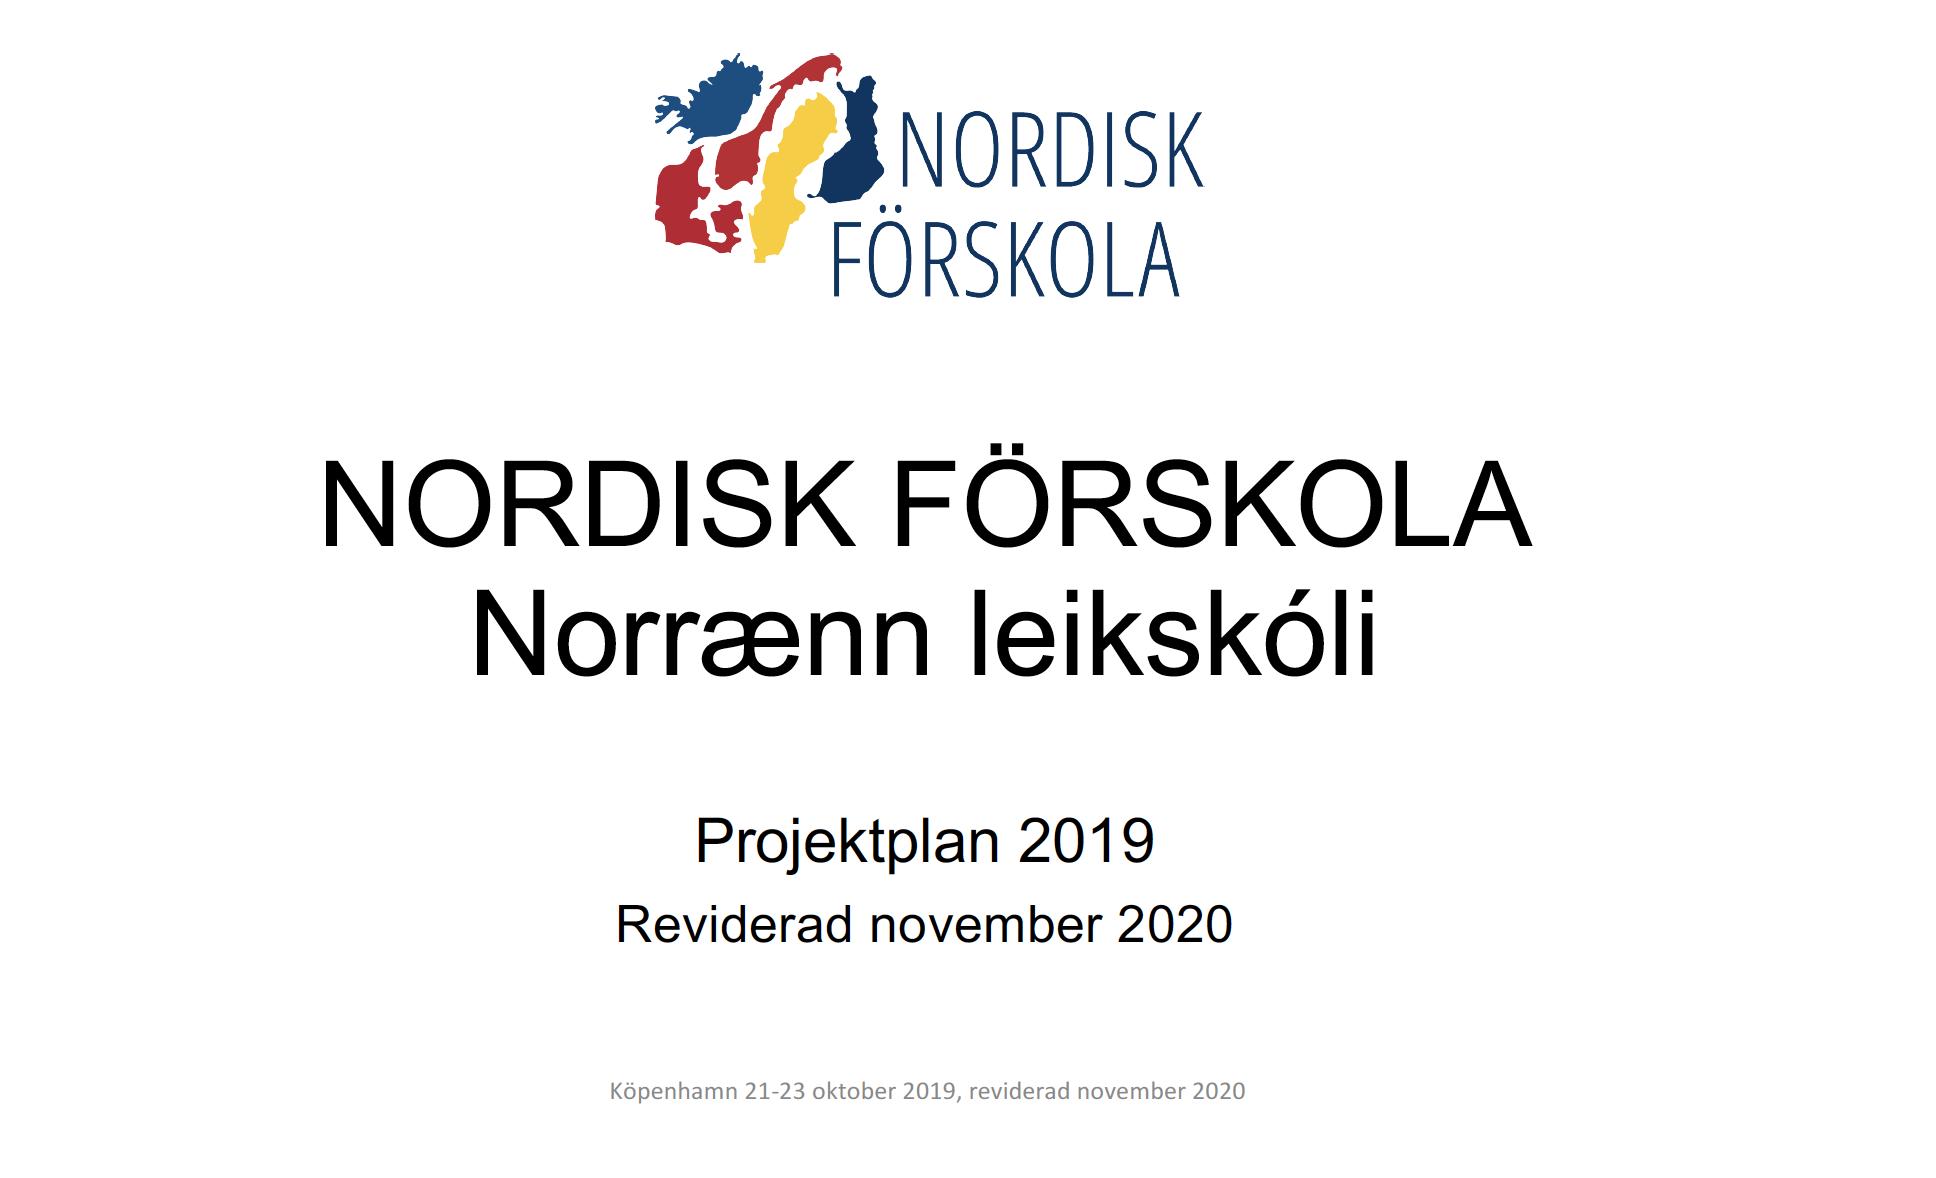 Organisationsschema Nordisk Förskola